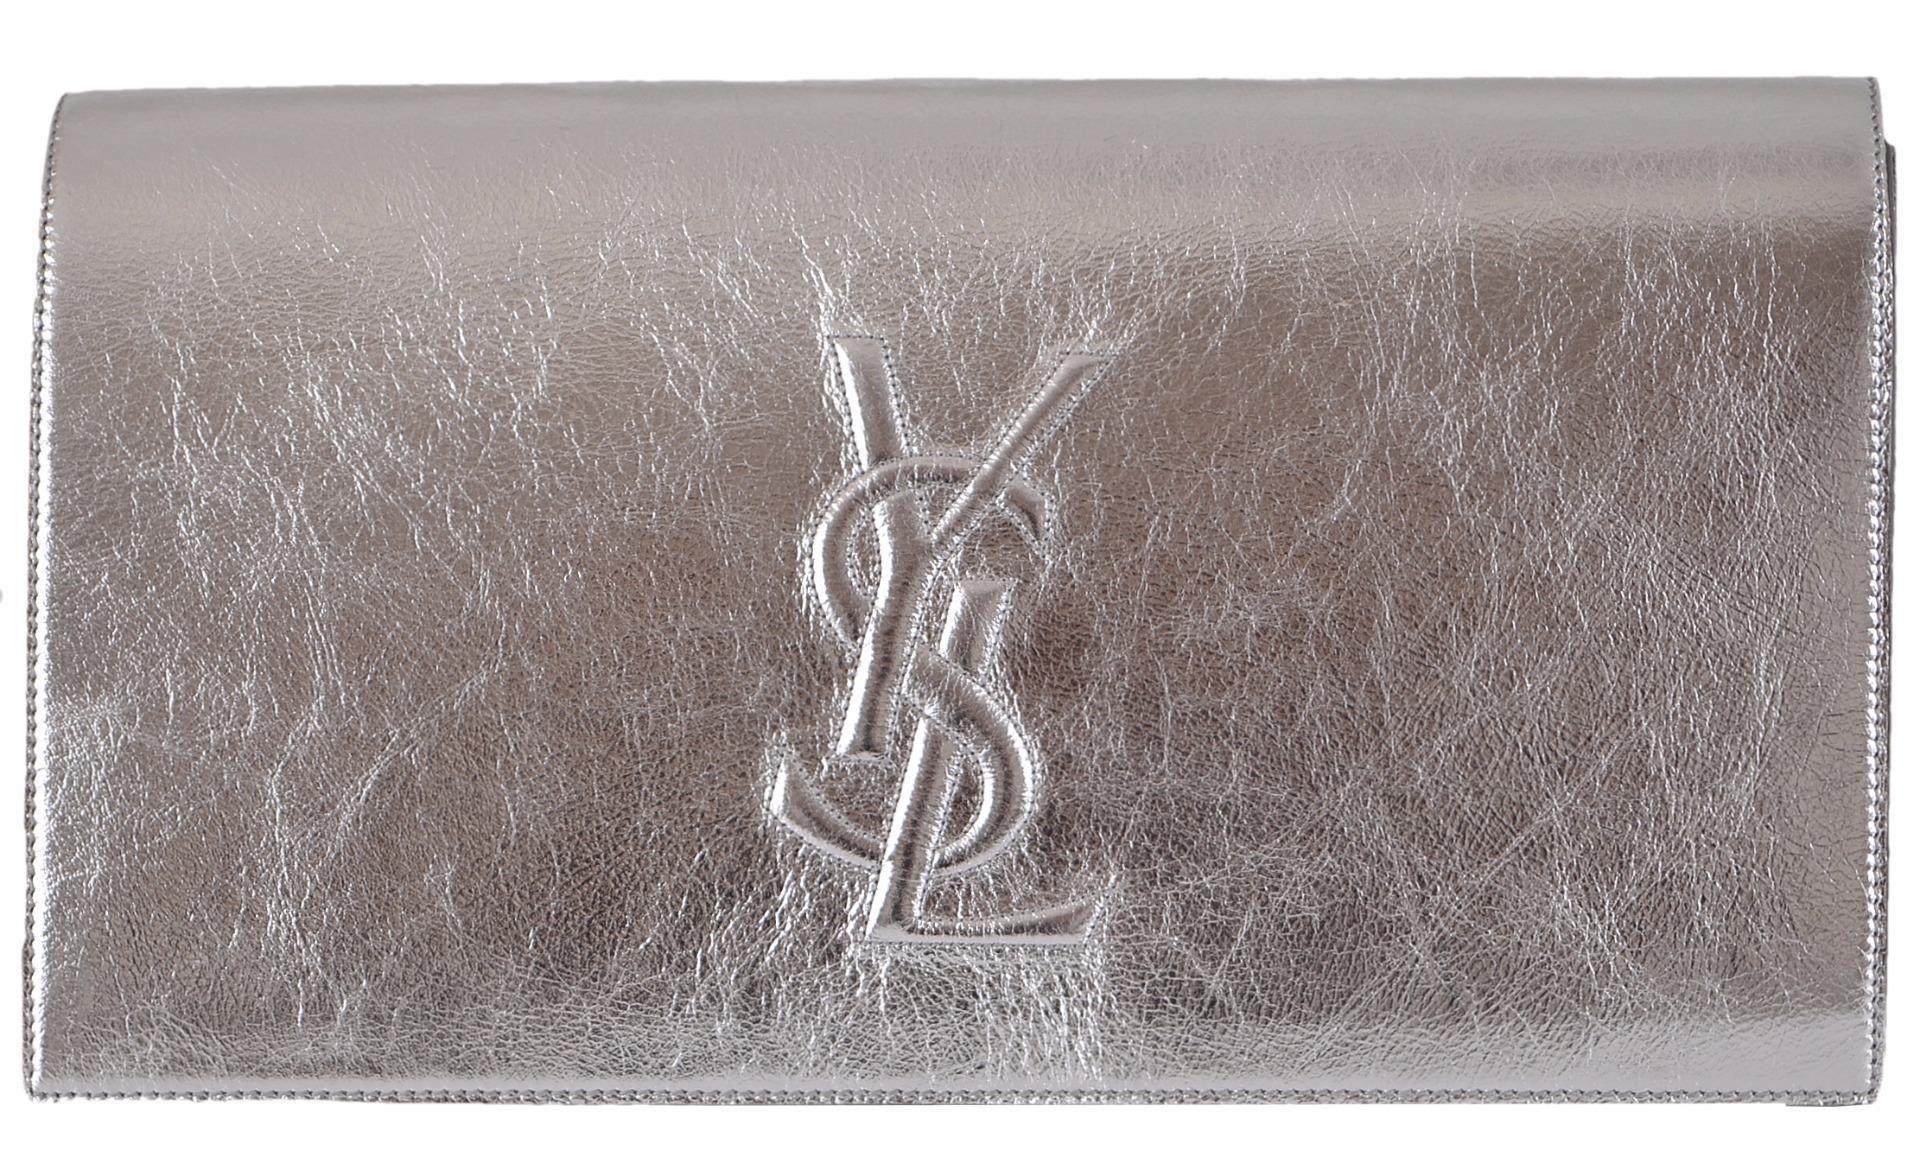 56fb7951f24 Saint Laurent New Ysl 361120 Leather Large Belle De Jour Silver Clutch. Get  the trendiest Clutch of the season! The Saint Laurent New Ysl 361120 Leather  ...